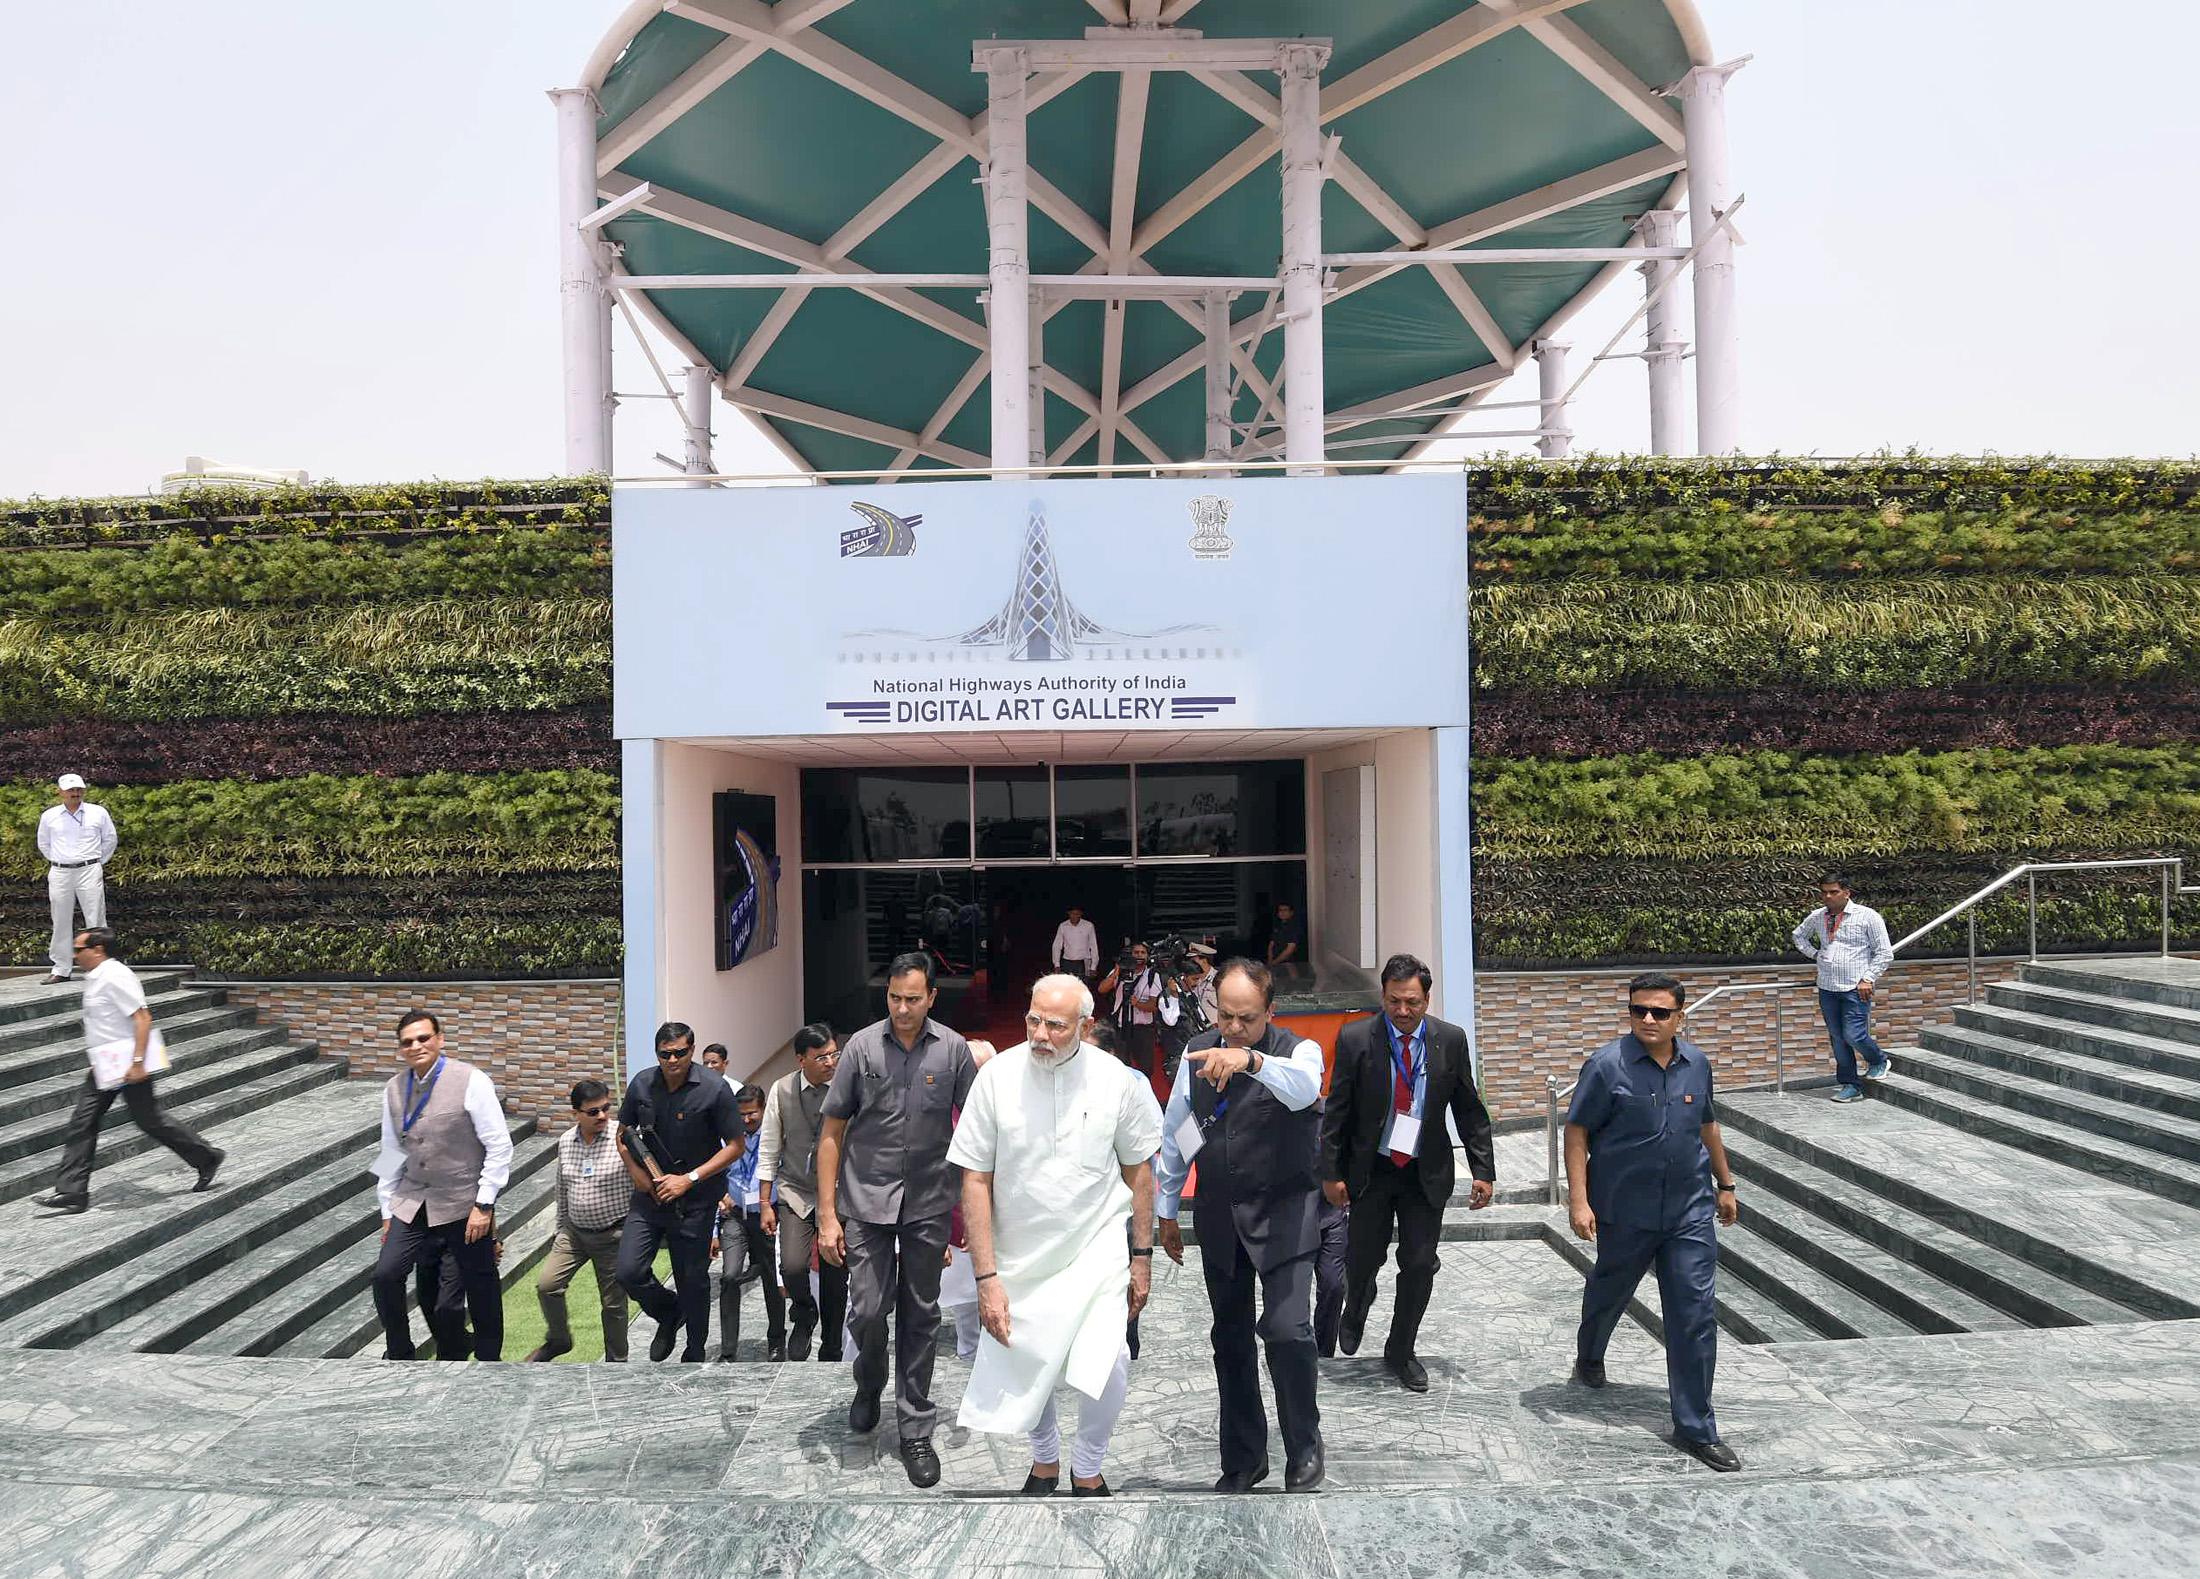 प्रधानमंत्री ने ईस्टर्न पेरिफेरल एक्सप्रेसवे एवं दिल्ली-मेरठ एक्सप्रेसवे के फेज़-1 का शुभारंभ किया